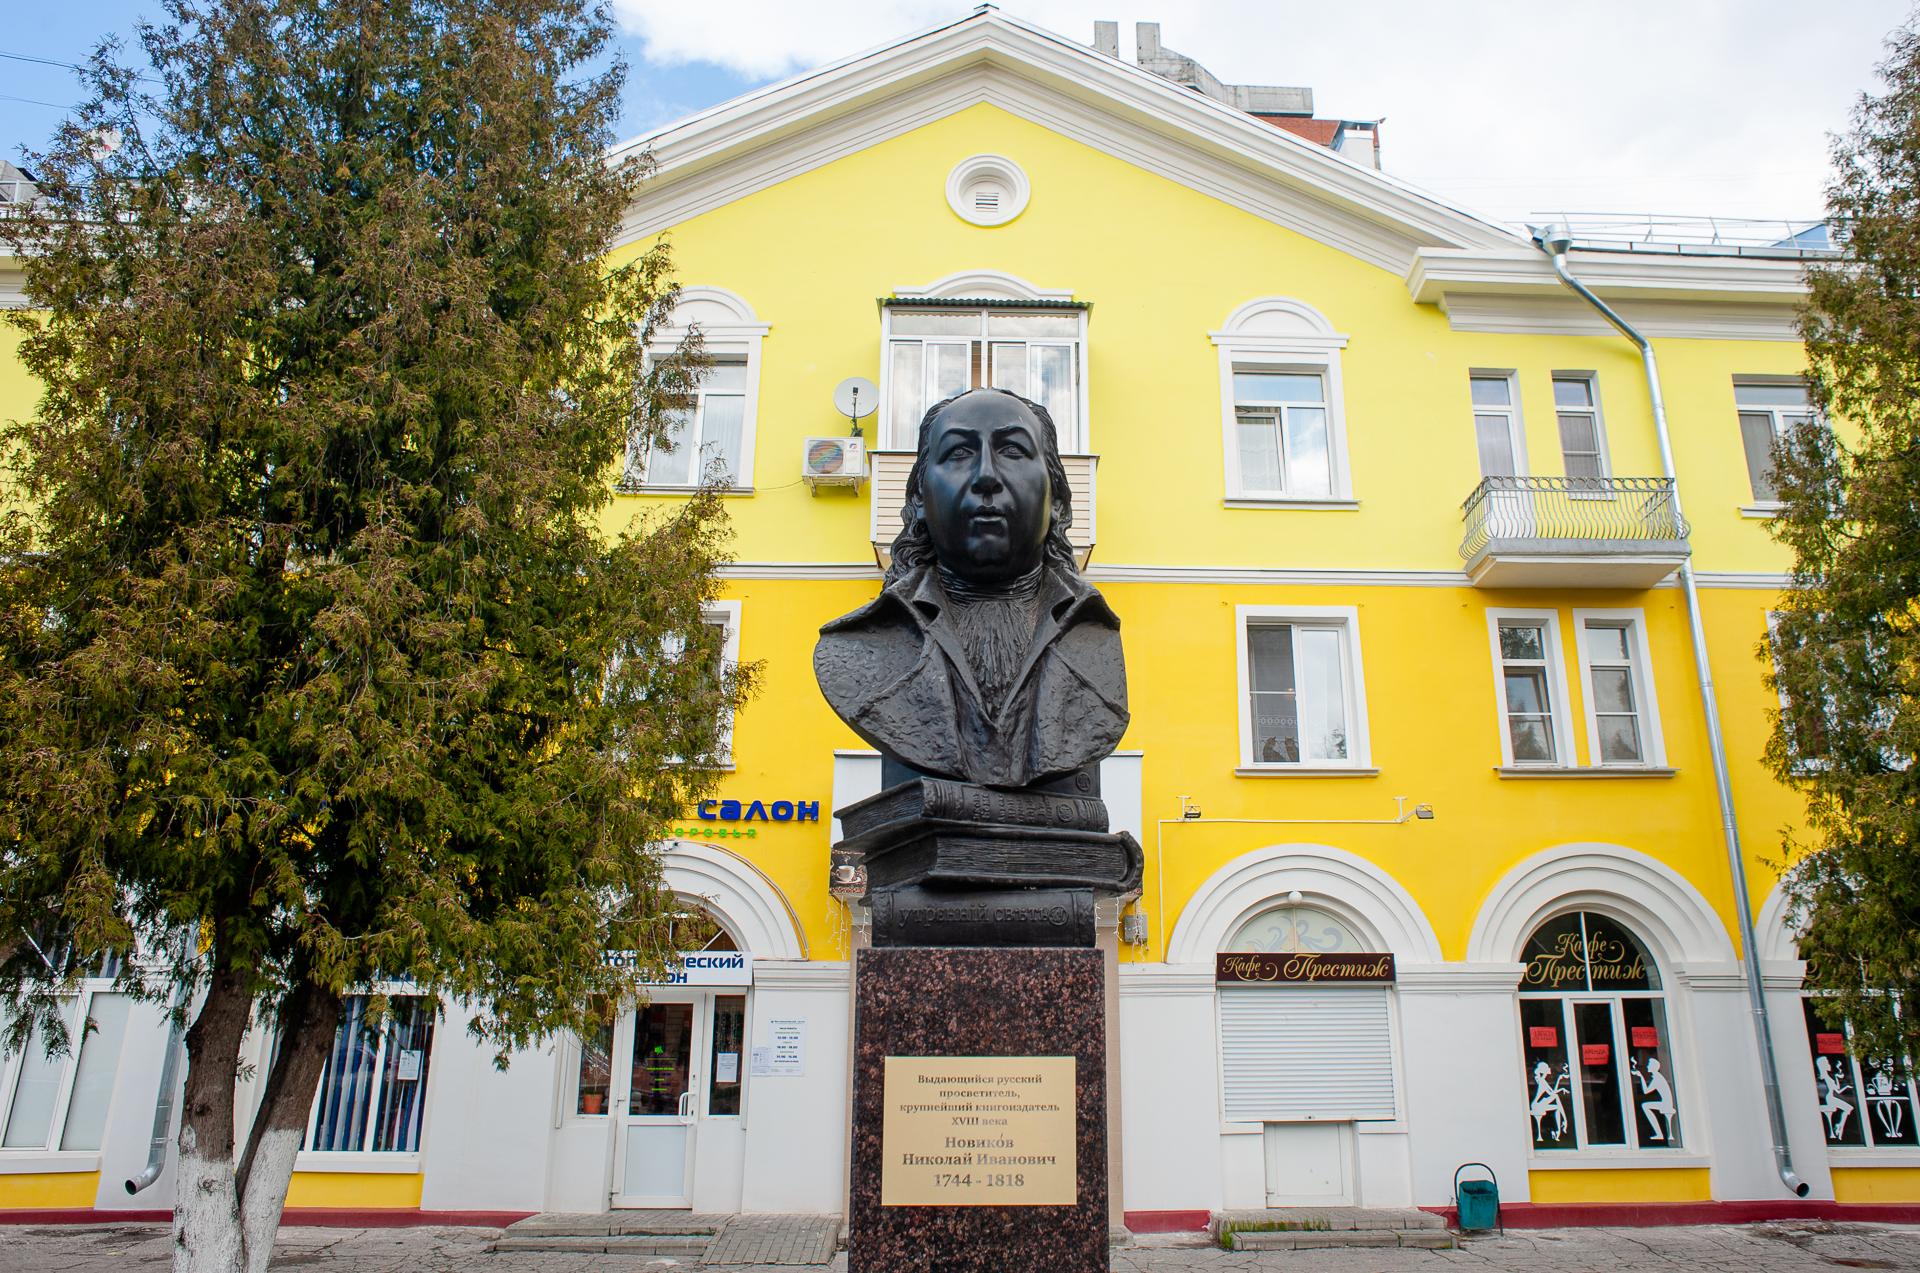 Ступино, монумент Новикову Н.И.